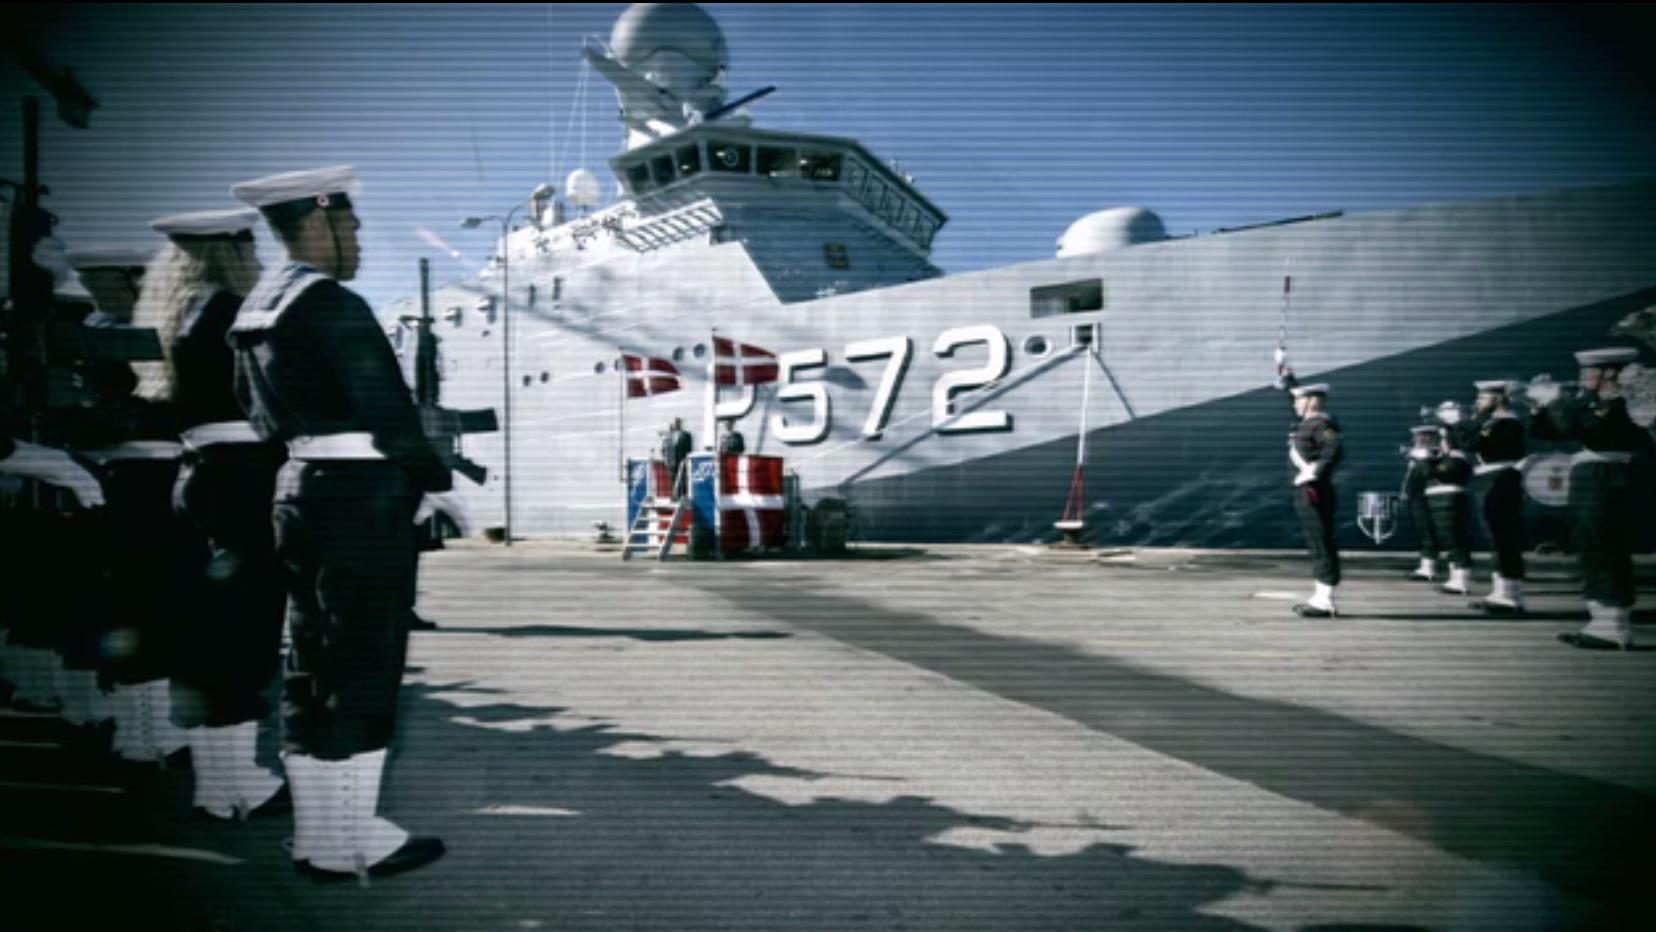 krigskibet_hemmeliged.jpg